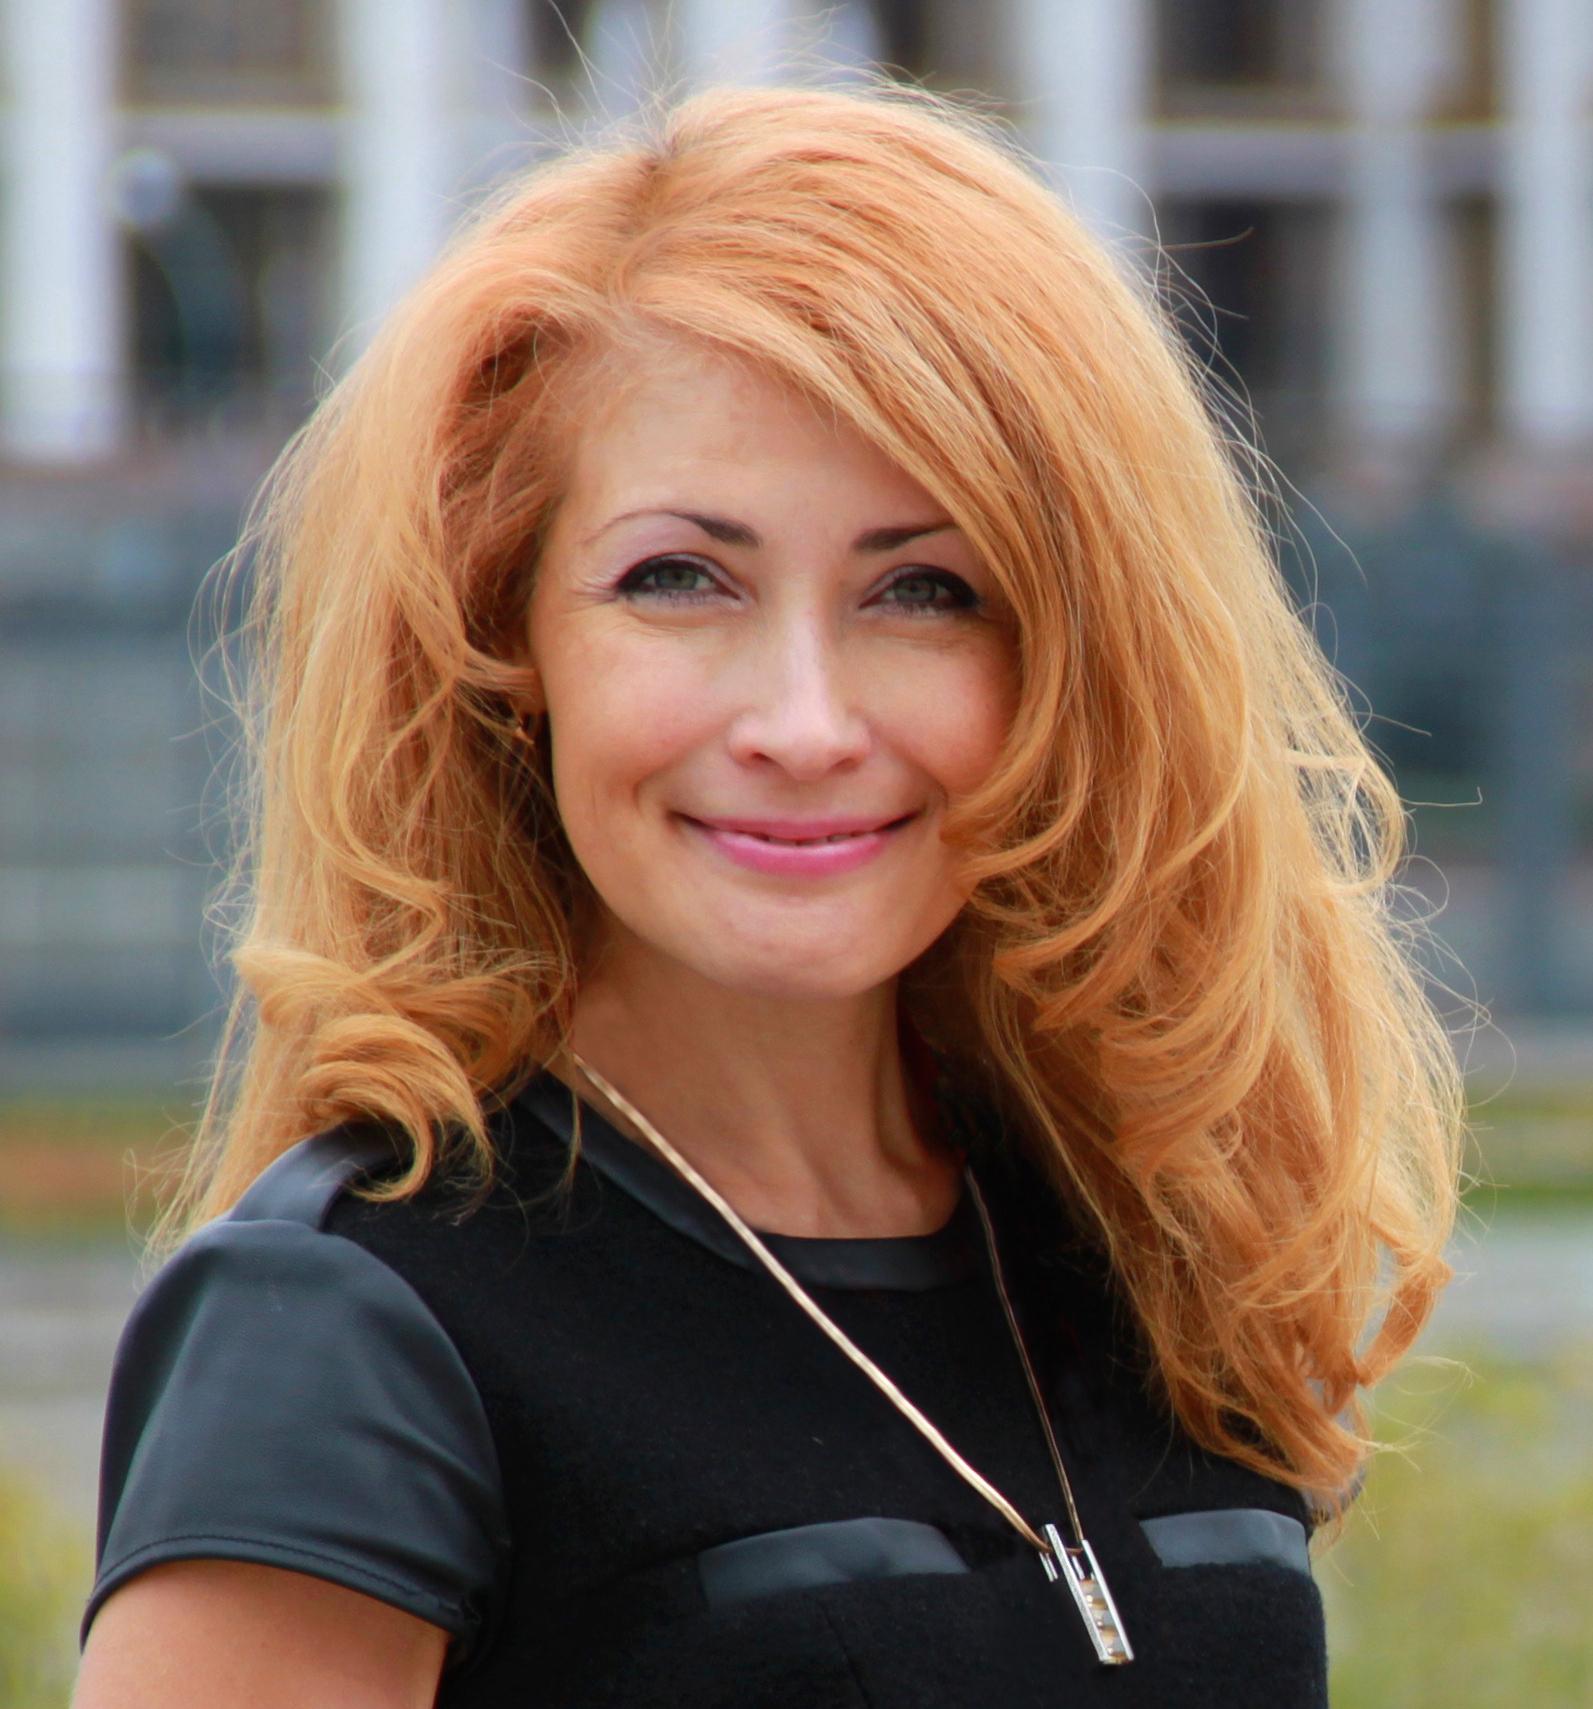 Елена Грабарь - автор онлайн-курса. Практический психолог, бизнес-тренер, кочу, руководитель компании.